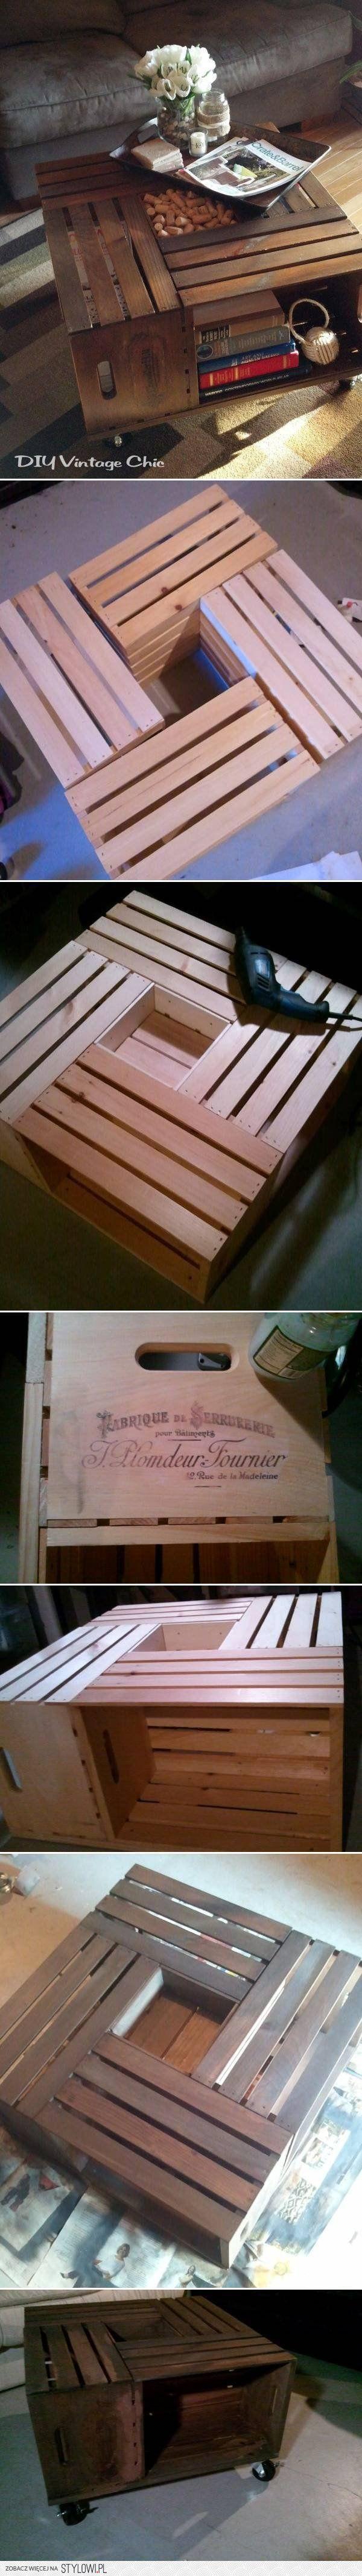 DIY Wine Crate Table DIY Projects | UsefulDIY.com